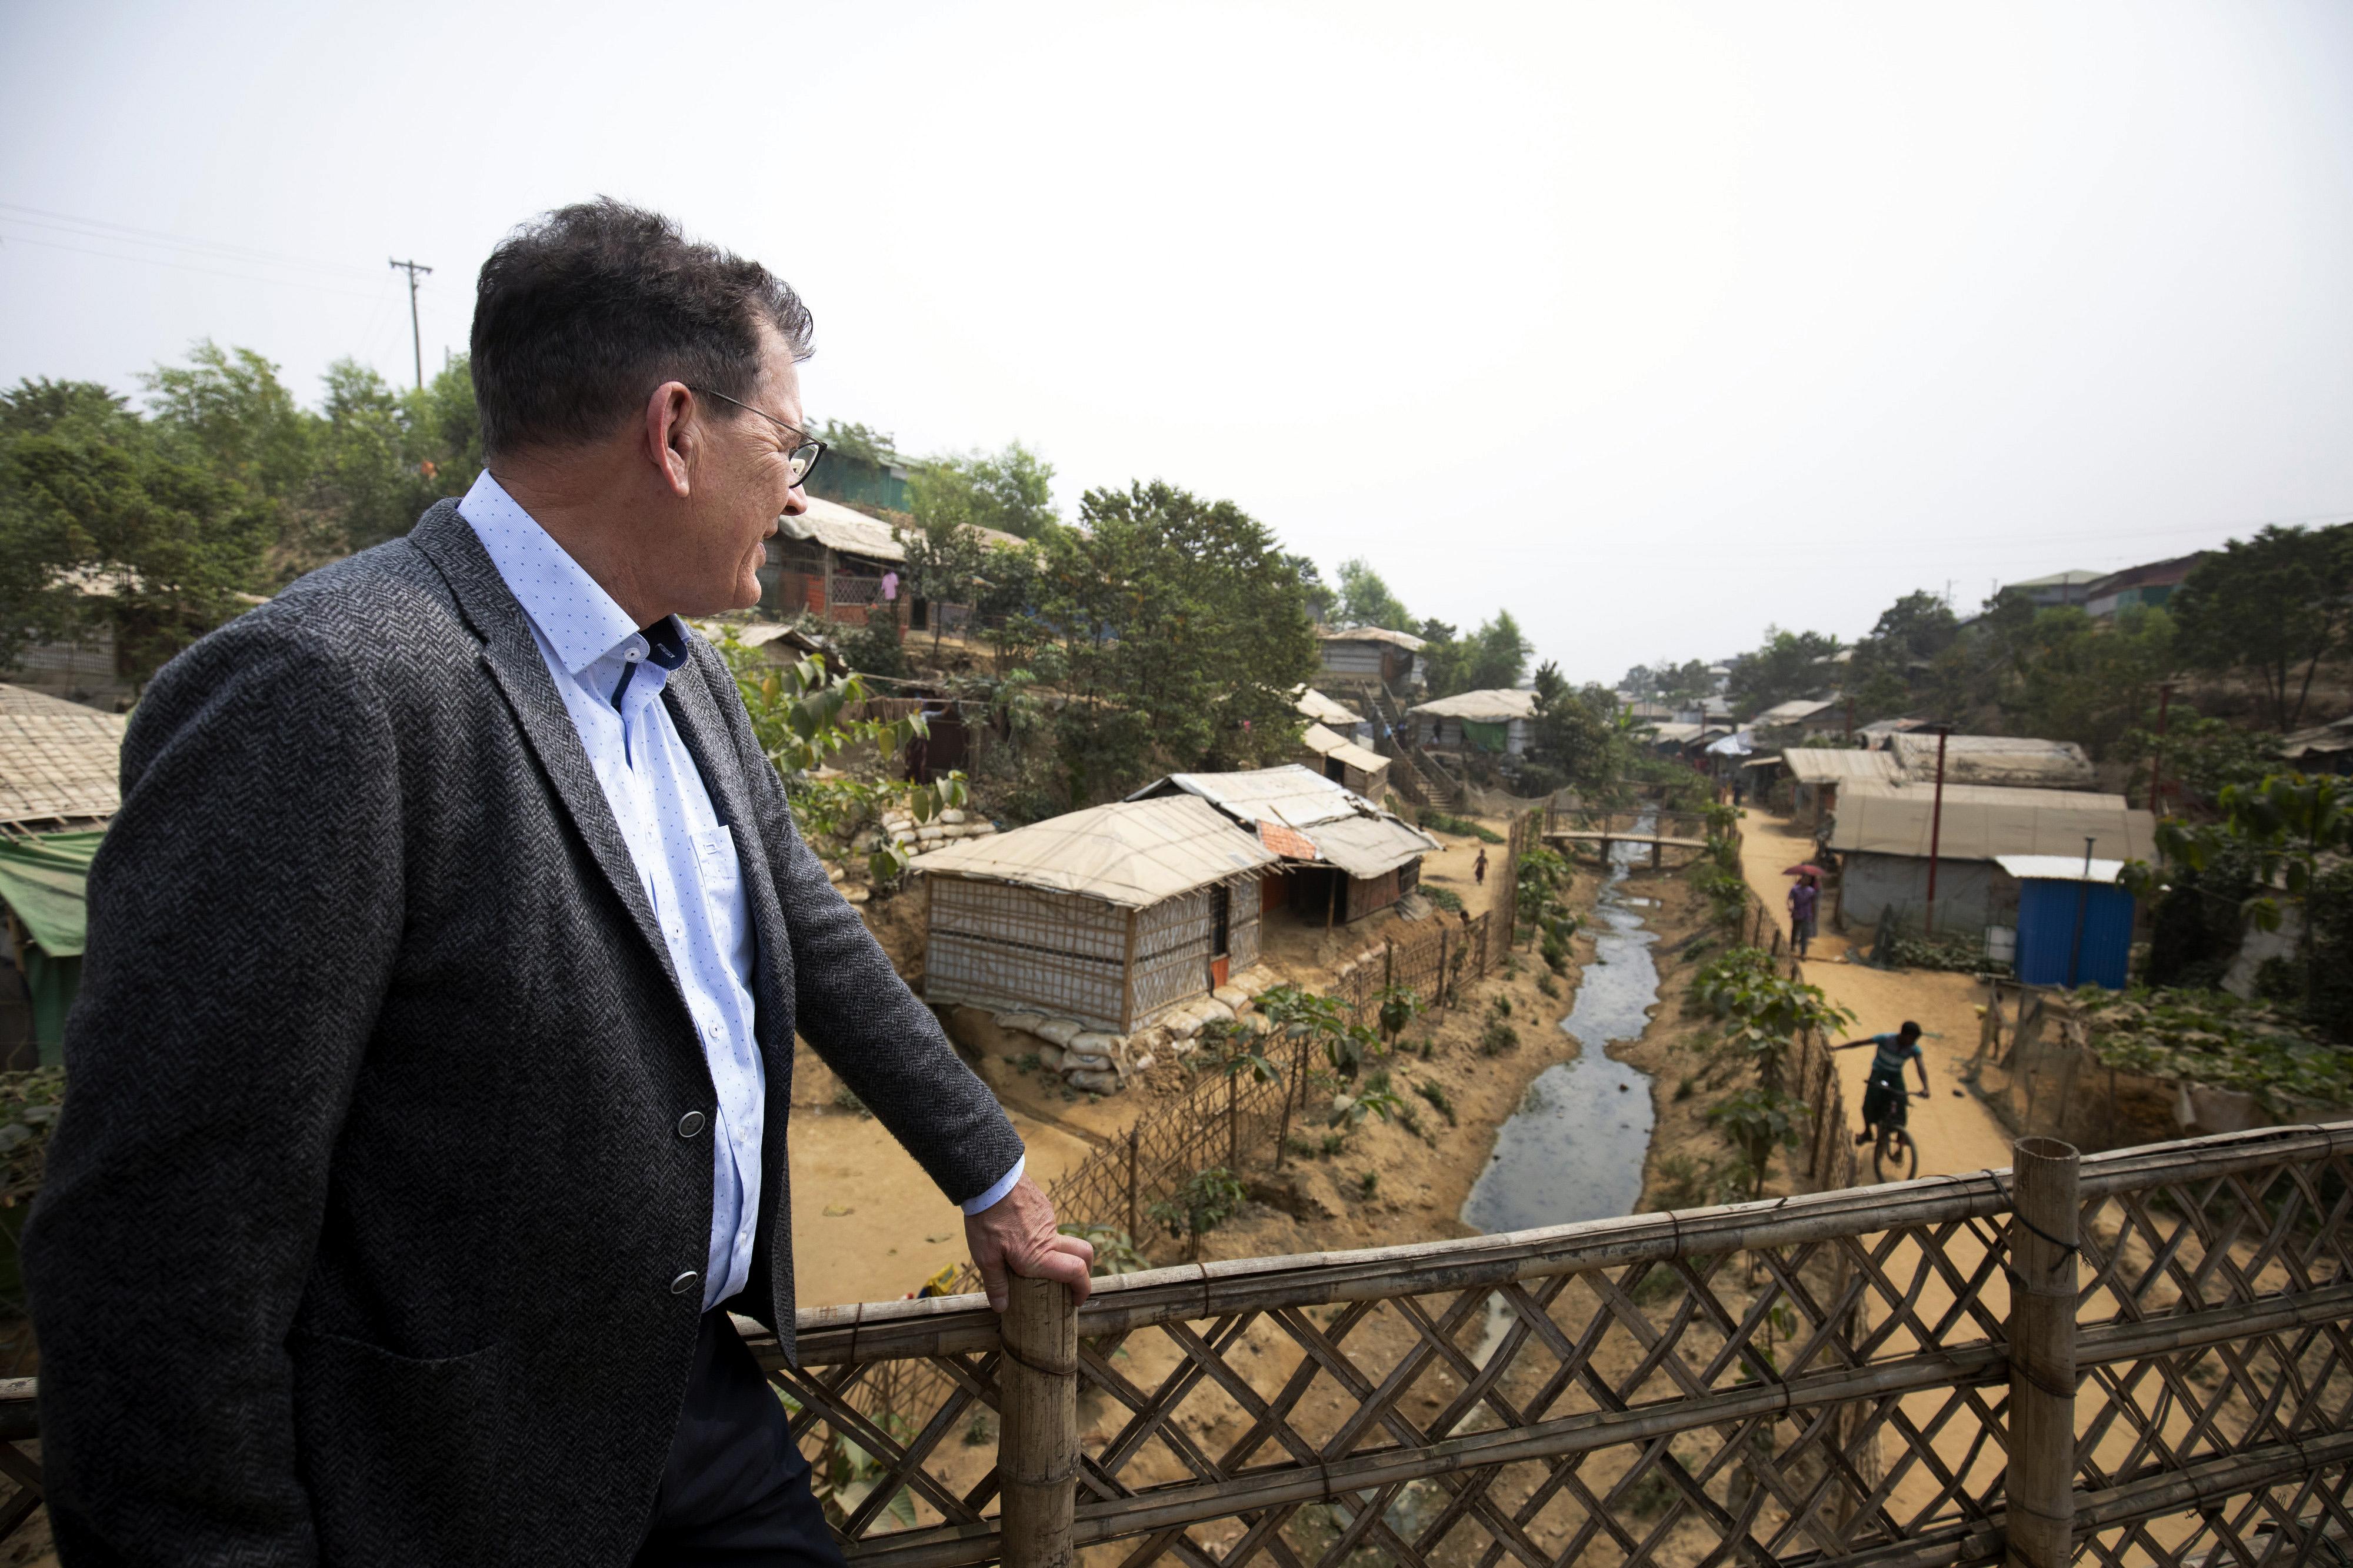 Bundesentwicklungsminister Gerd Müller beim Besuch des Flüchtlingslagers Kutupalong in Cox Bazar, Bangladesch im Februar 2020. Dort leben rund 600.000 Mitglieder der Rohingya, die aus Myanmar geflohen sind oder vertrieben wurden.